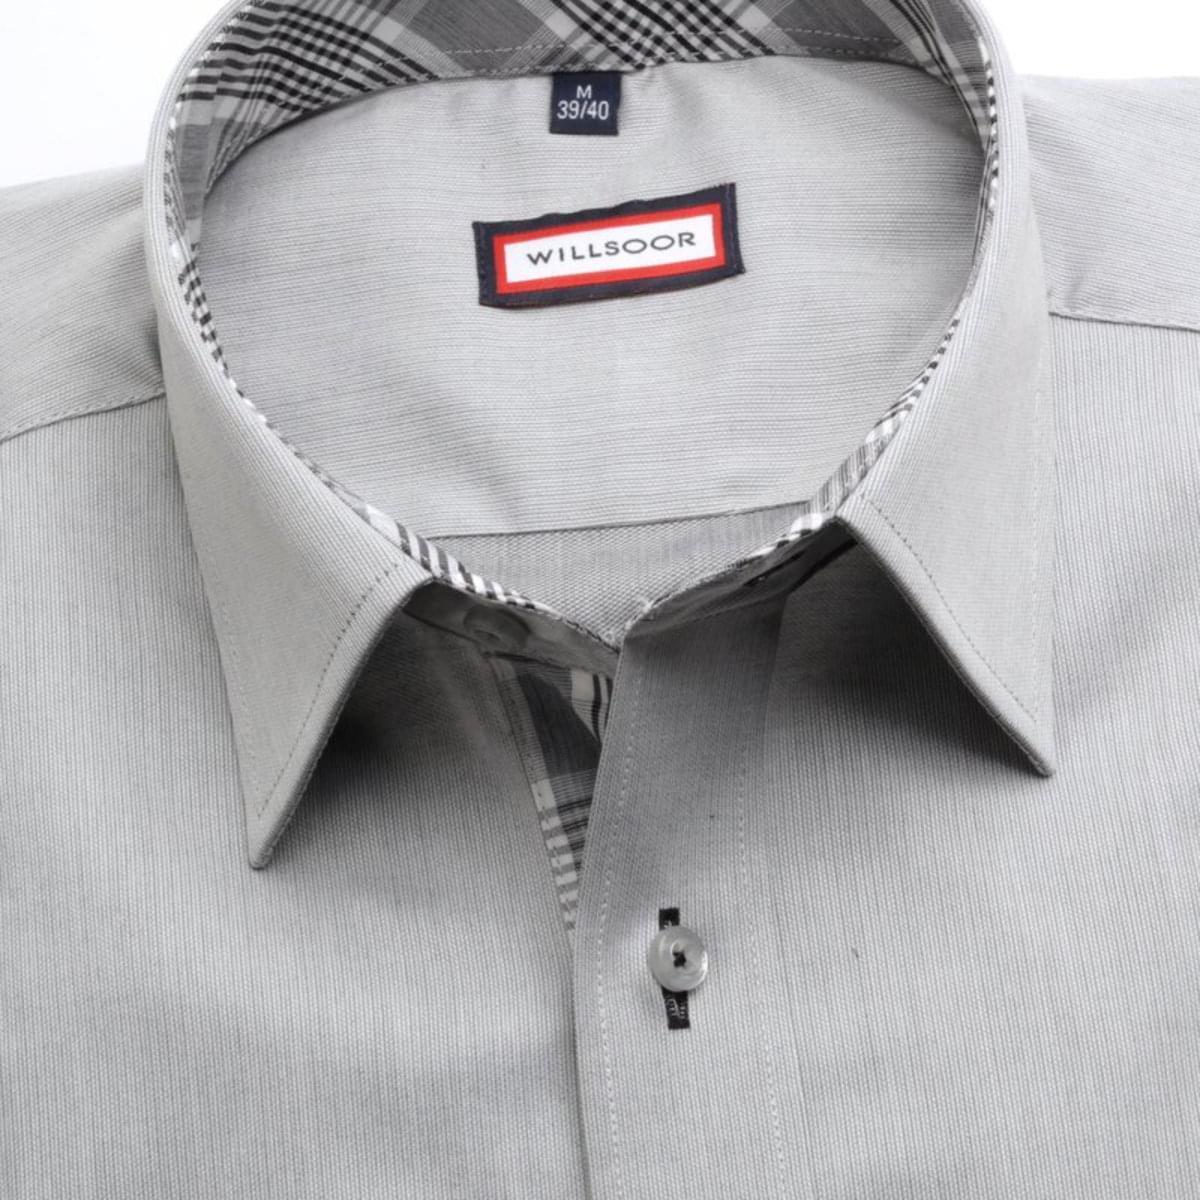 Pánská slim fit košile (výška 176-182) 7438 v šedé barvě 176-182 / XL (43/44)